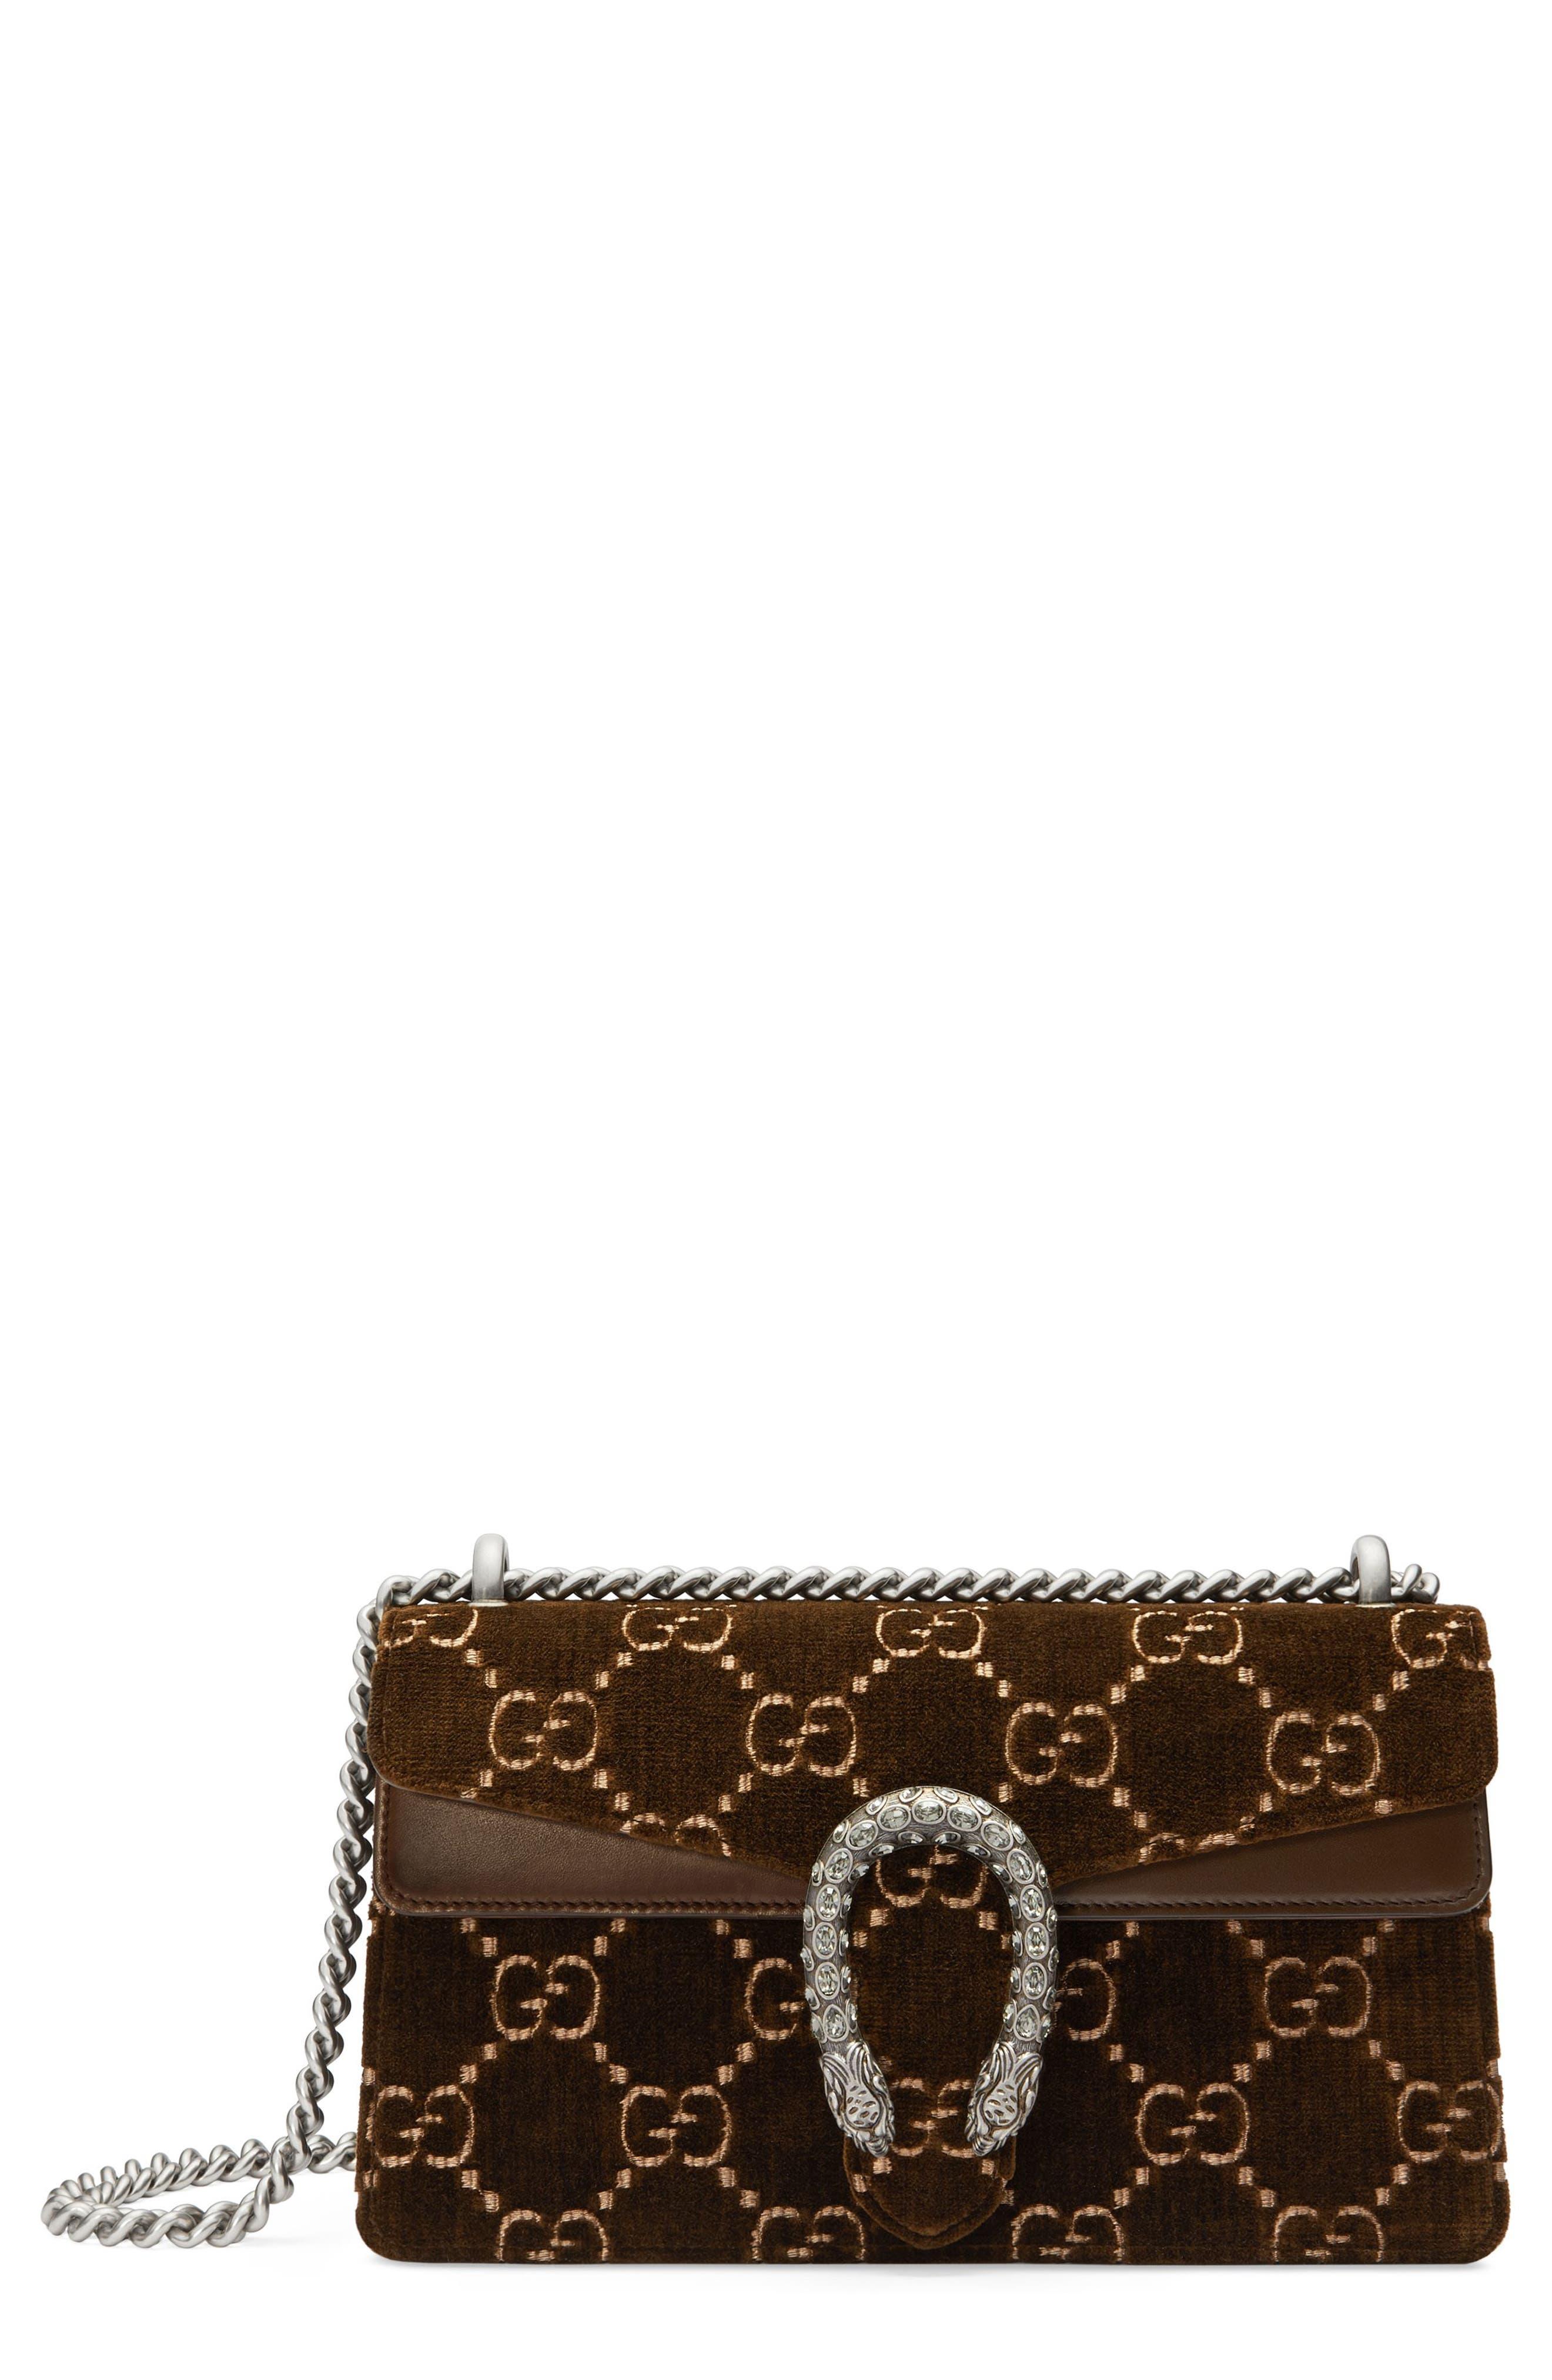 Small Dionysus GG Velvet Shoulder Bag,                         Main,                         color, BROWN